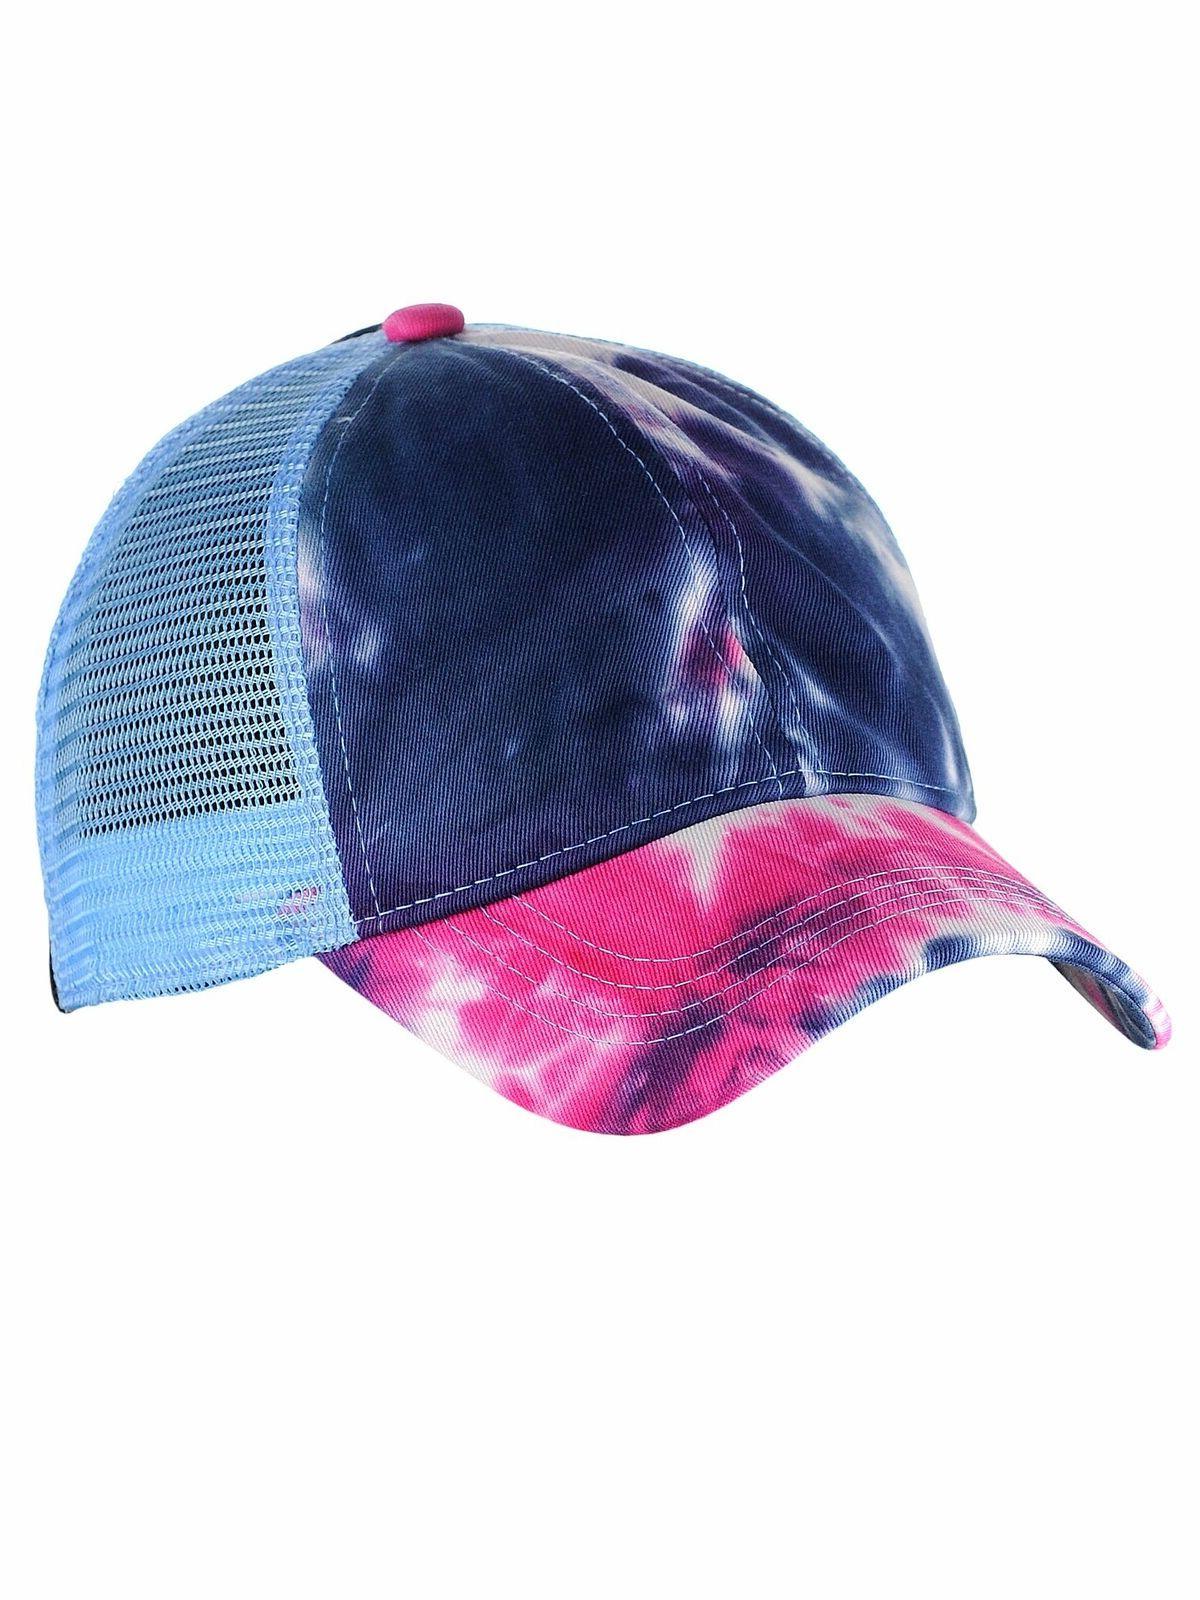 C.C Messy Bun Ponytail Dye Baseball Cap